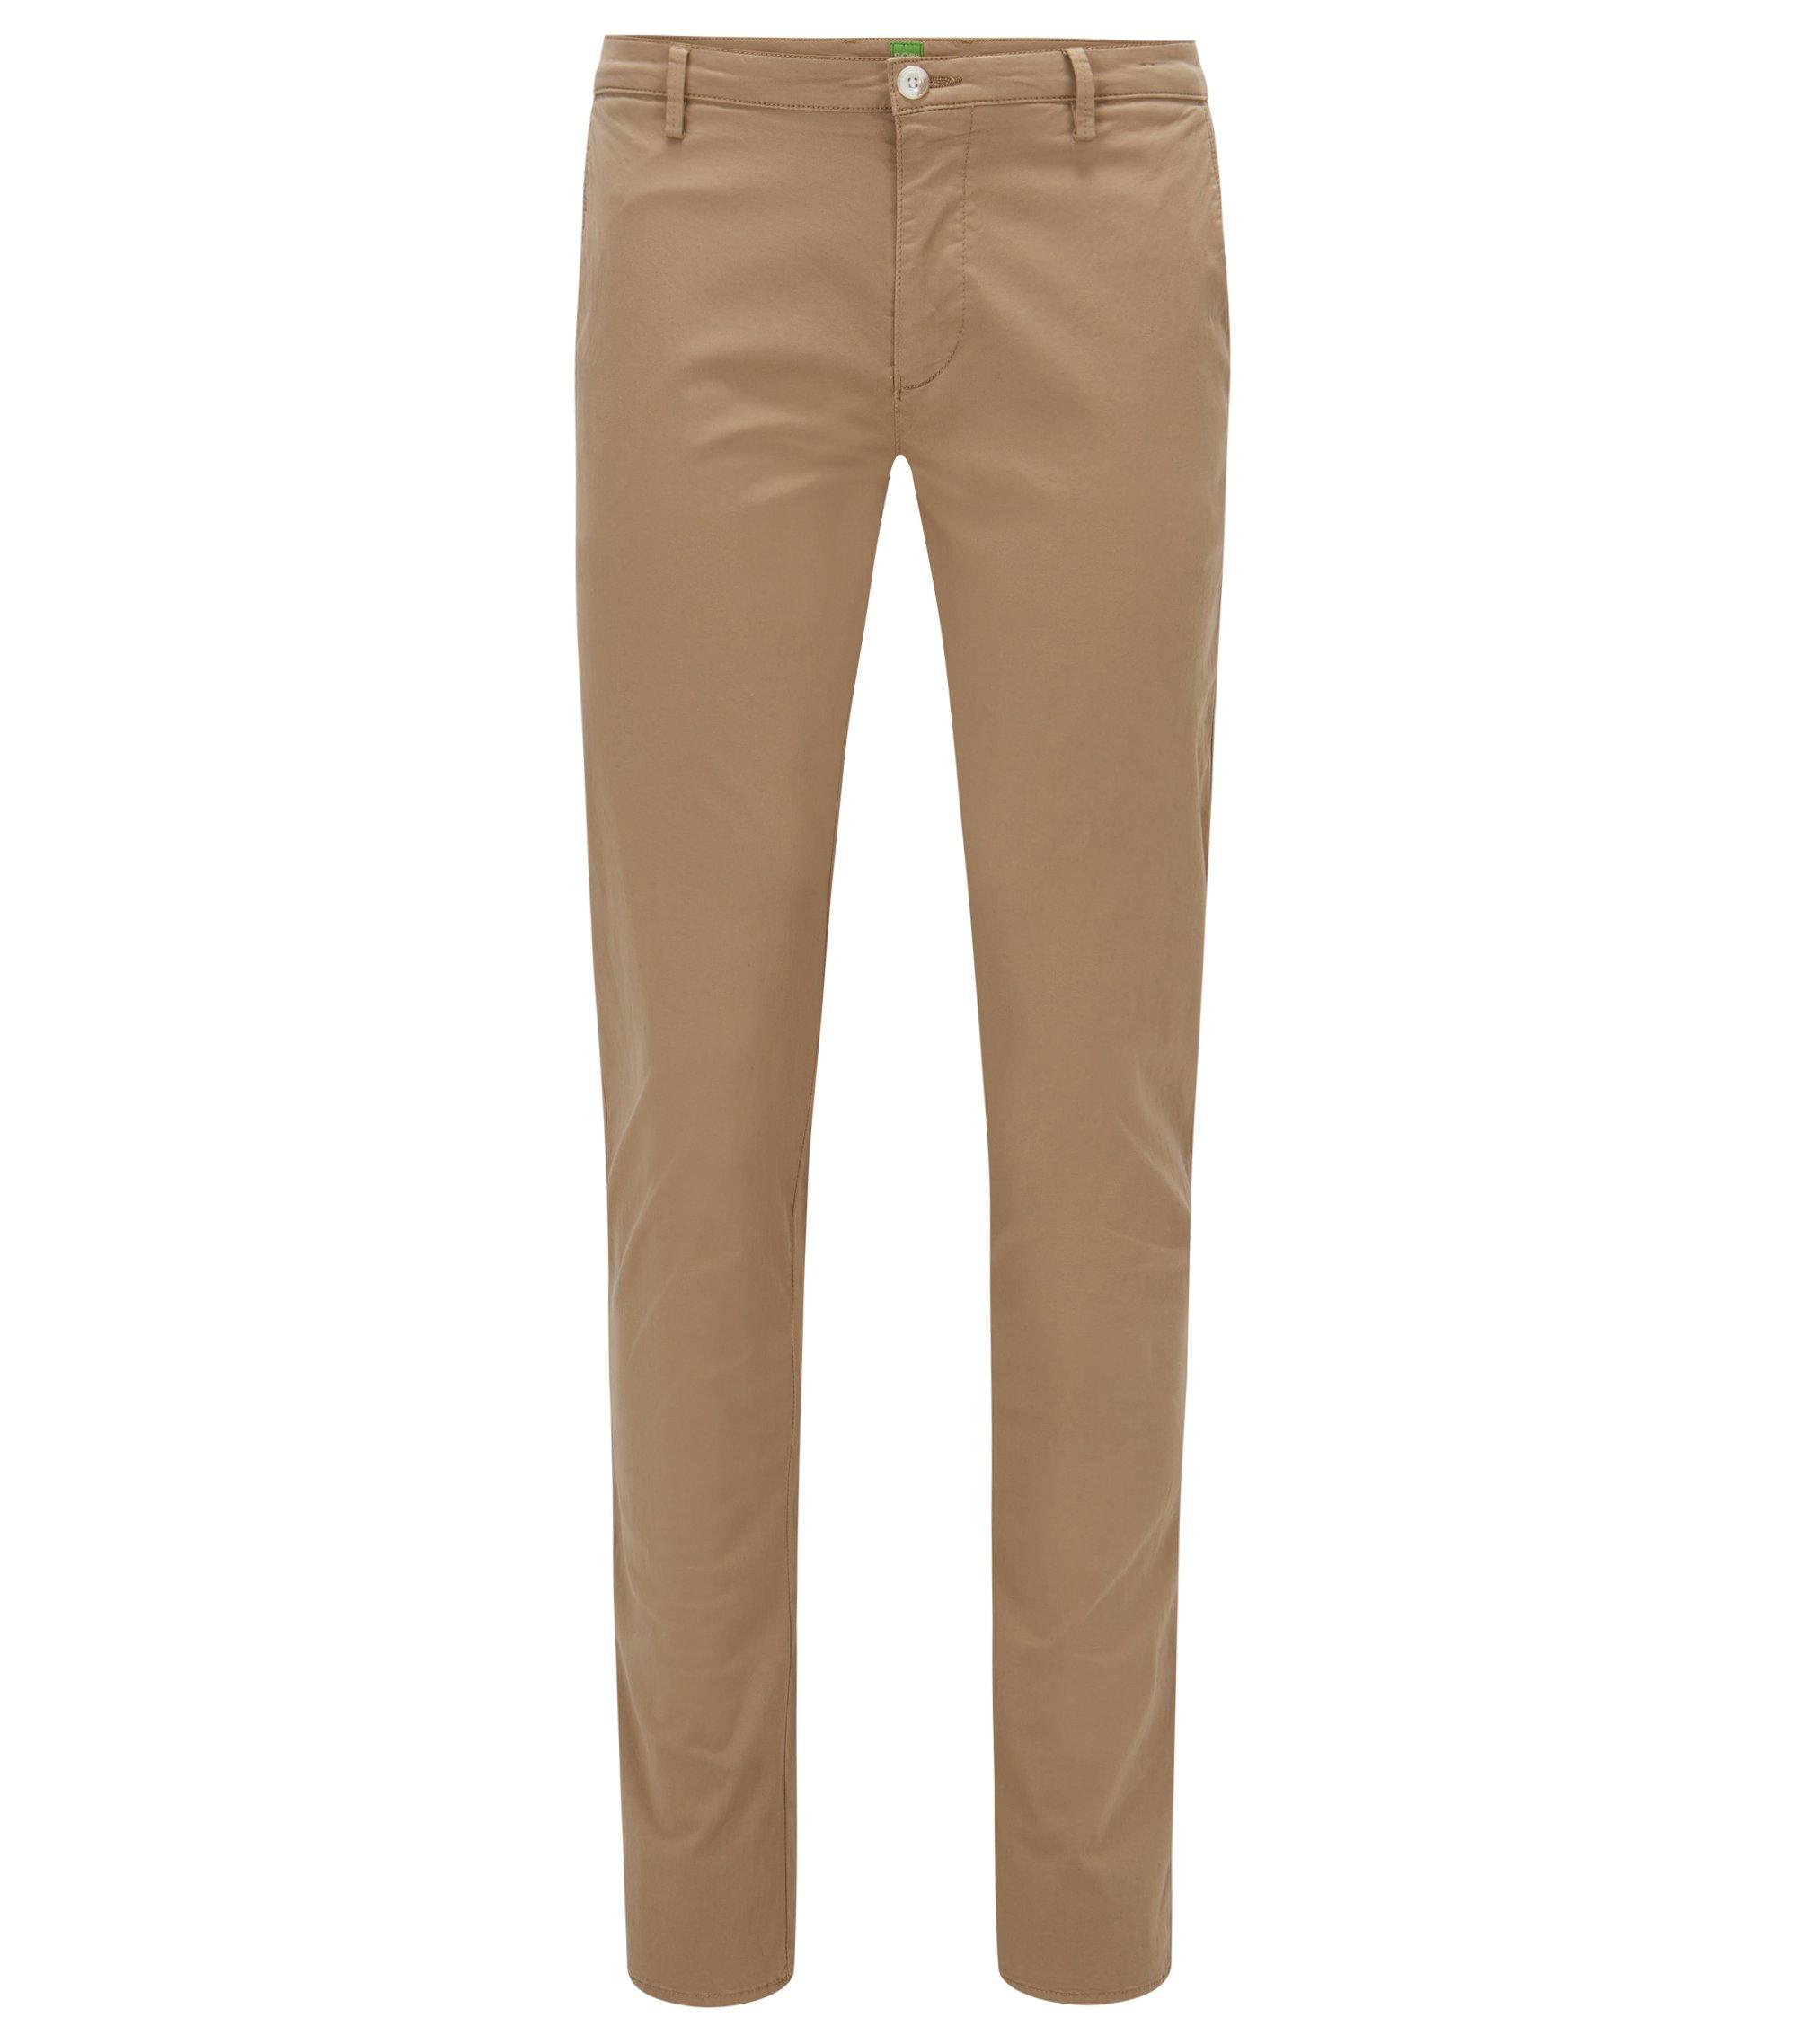 Slim-Fit Hose aus elastischer Pima-Baumwolle, Beige